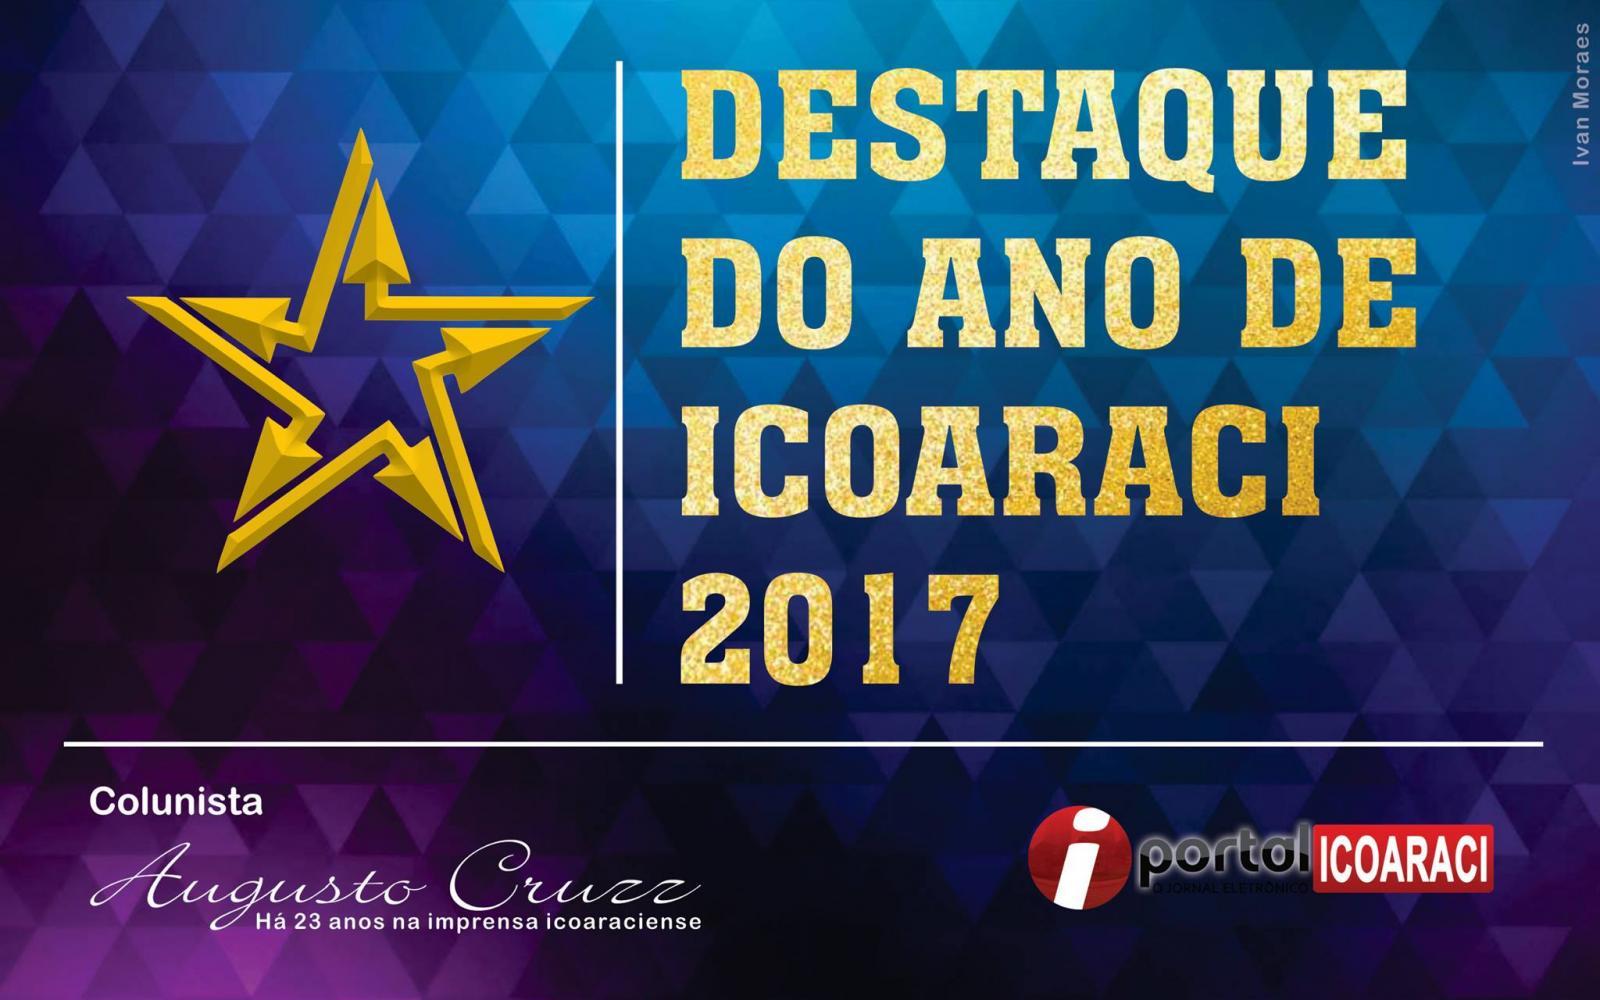 Portal apresenta na sexta-feira, os Destaque do Ano 2017